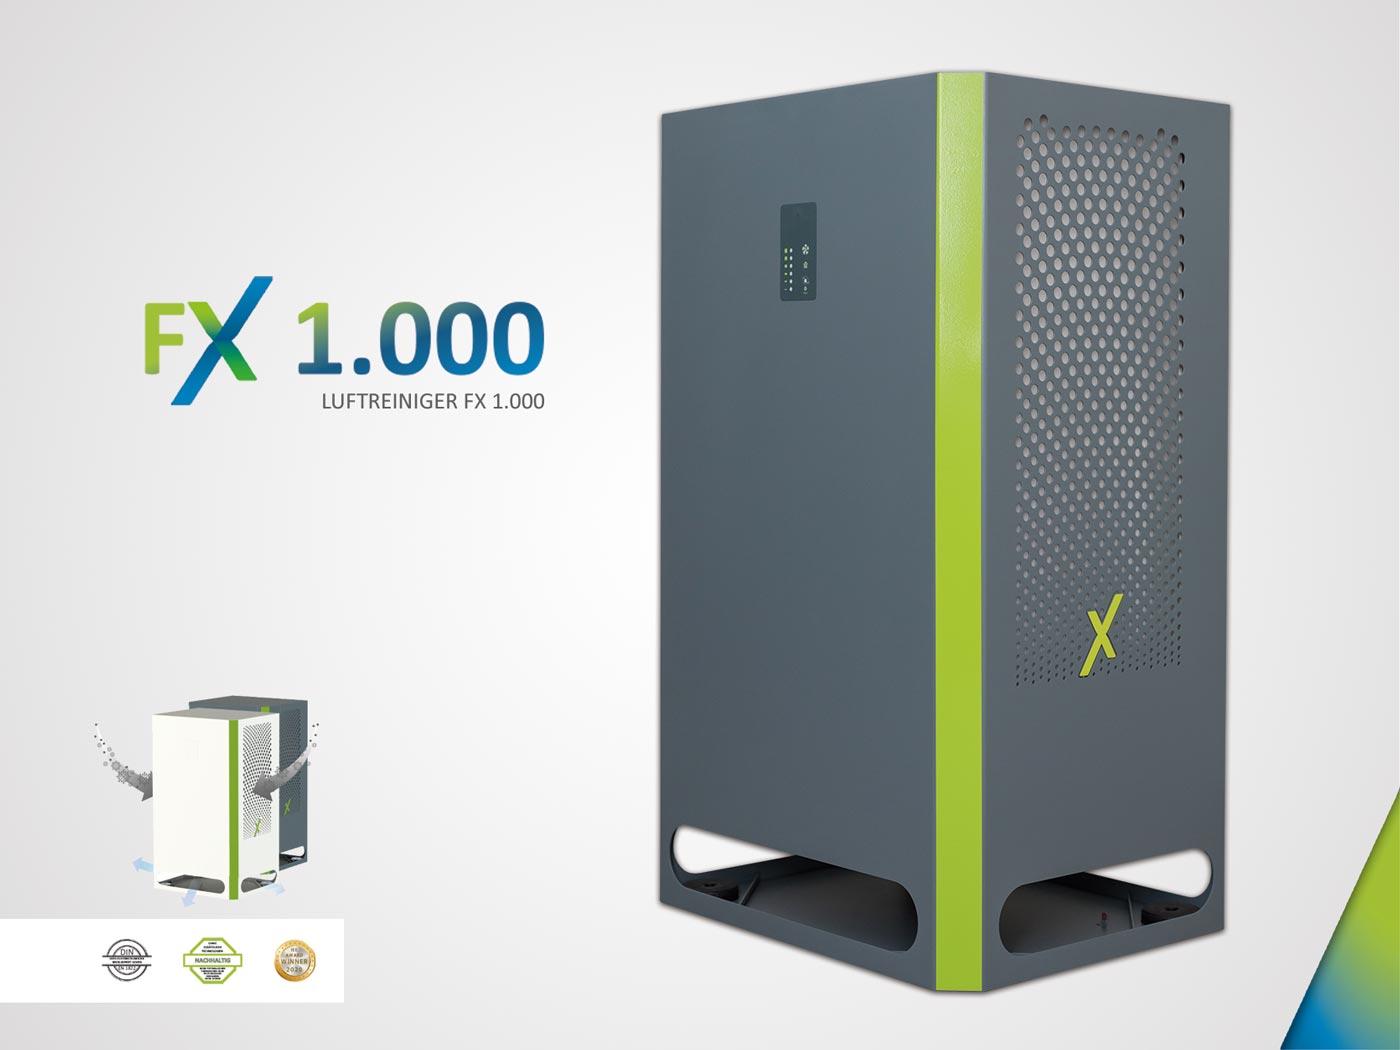 FX 1.000 - Luftreiniger Raumluftfilter mit HEPA H14 Filter inkl. Vorfilter